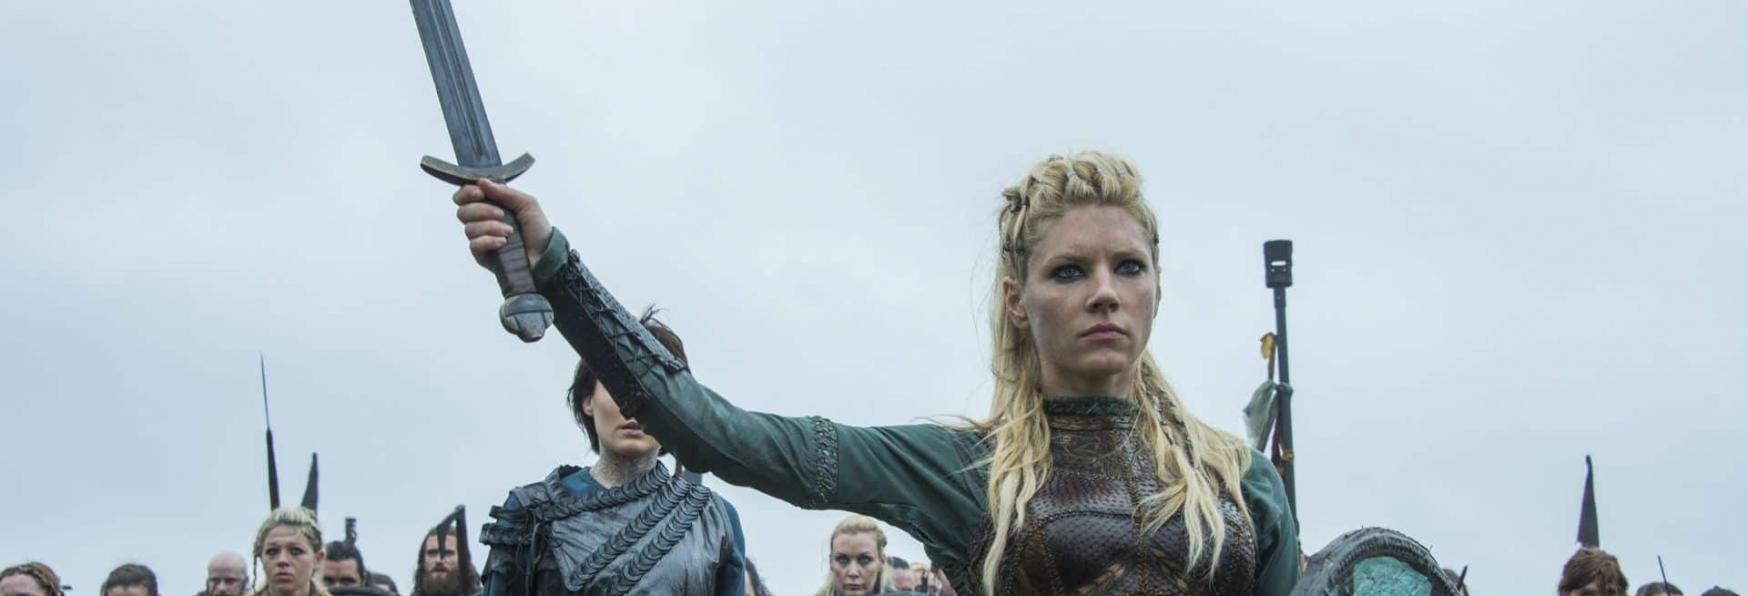 Vikings 6: Rilasciato il Trailer del Gran Finale e la Data di Uscita dell'ultima Stagione